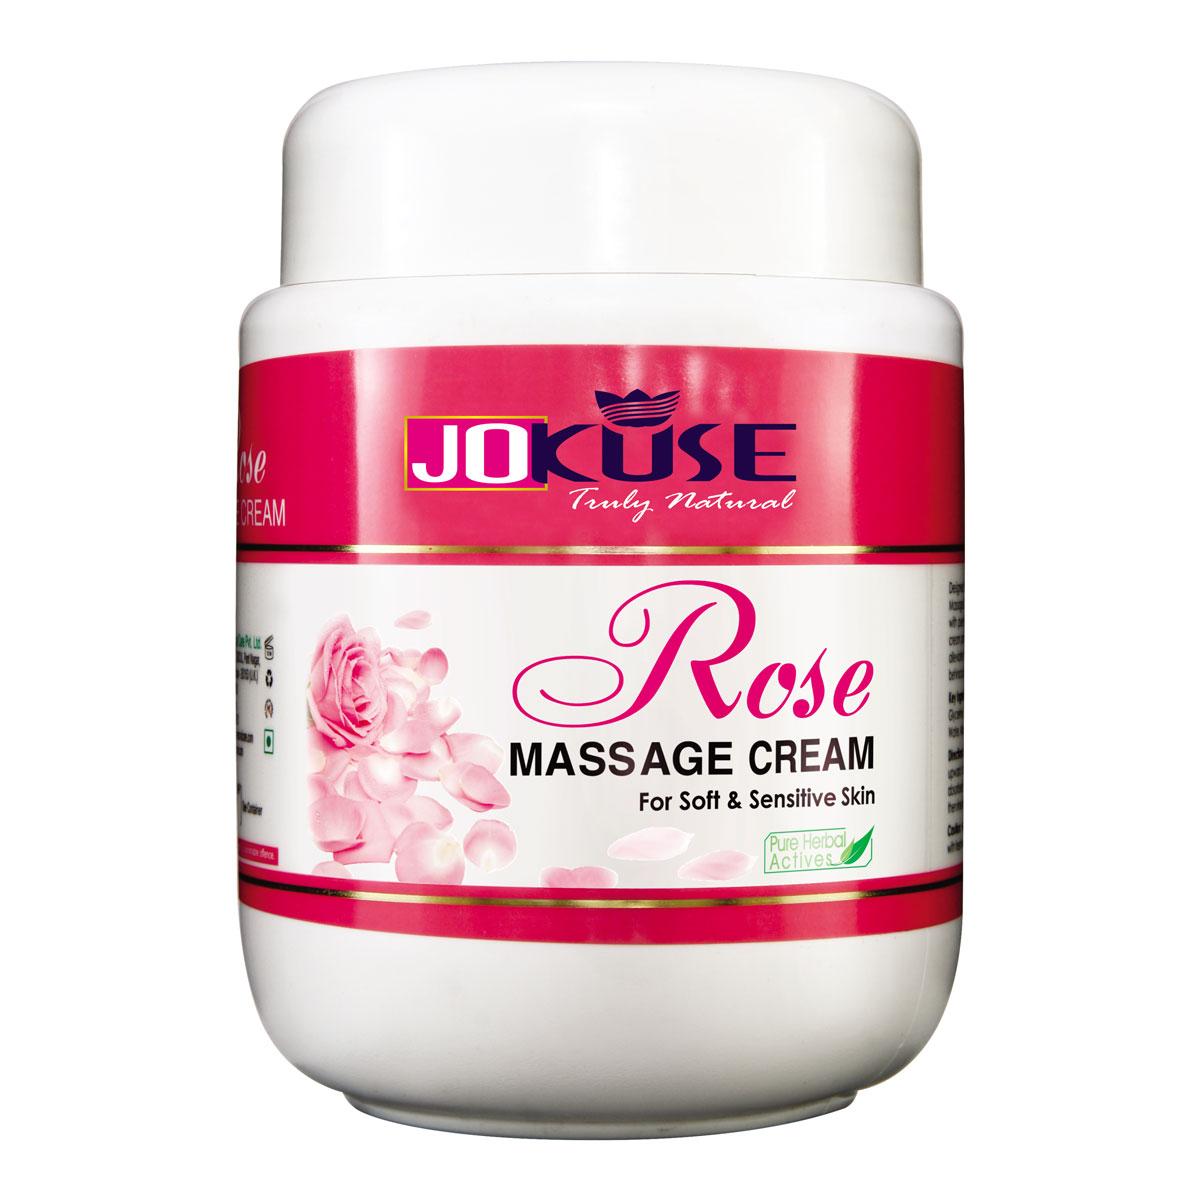 ROSE MASSAGE CREAM